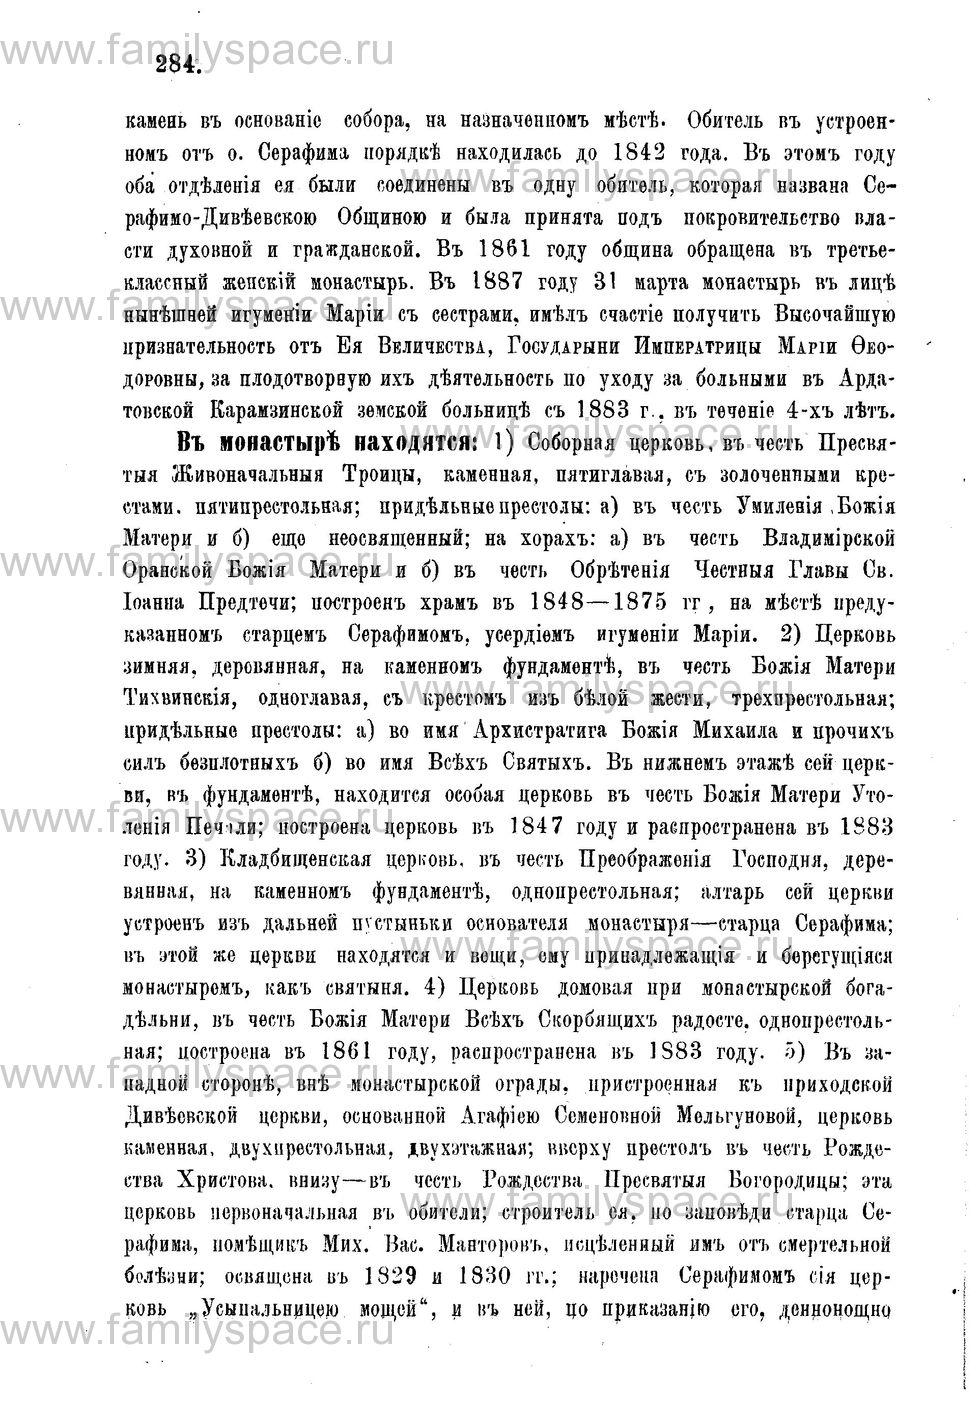 Поиск по фамилии - Адрес-календарь Нижегородской епархии на 1888 год, страница 1284